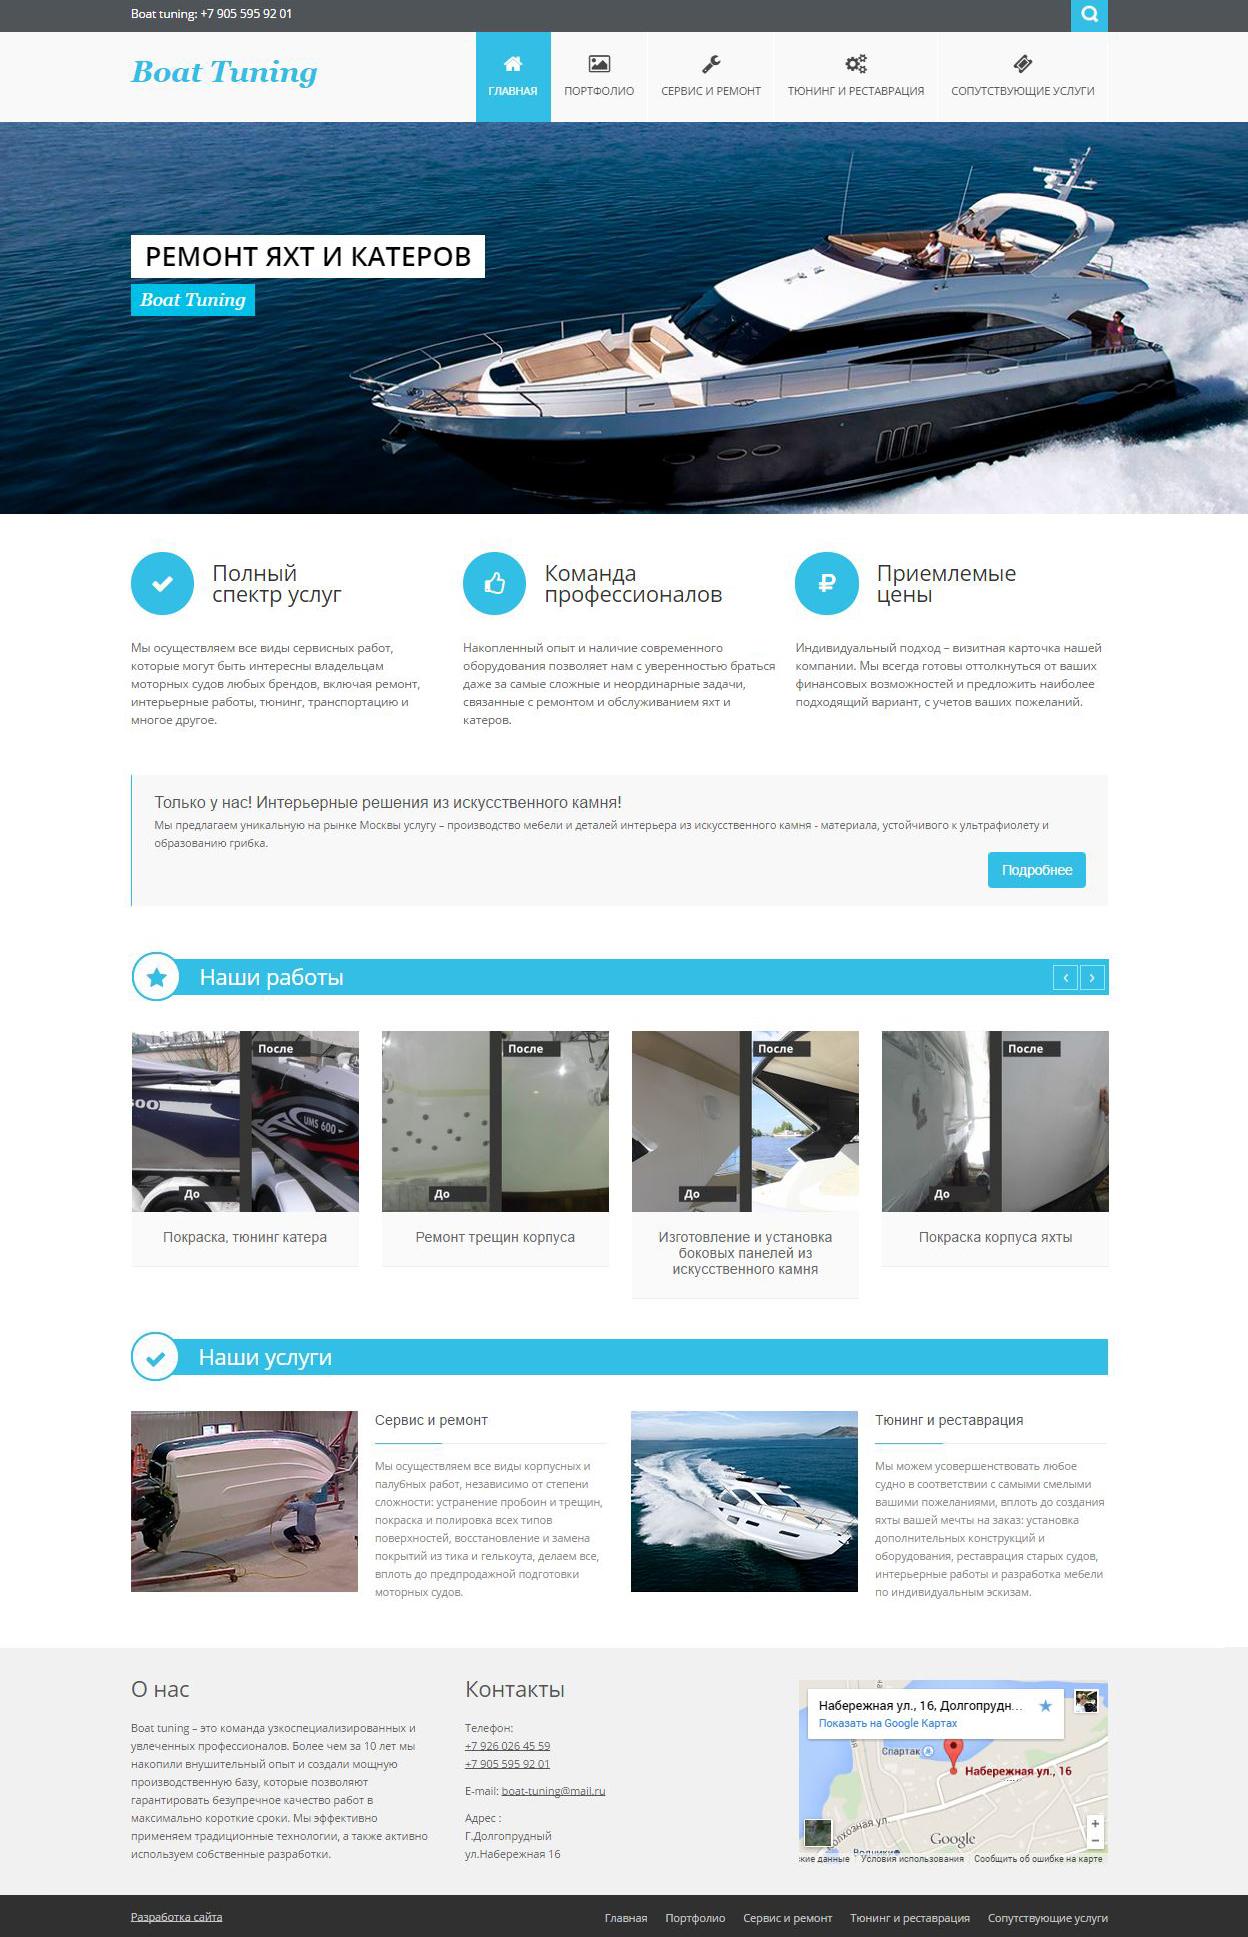 Создание сайта по ремонту катеров и яхт - главная